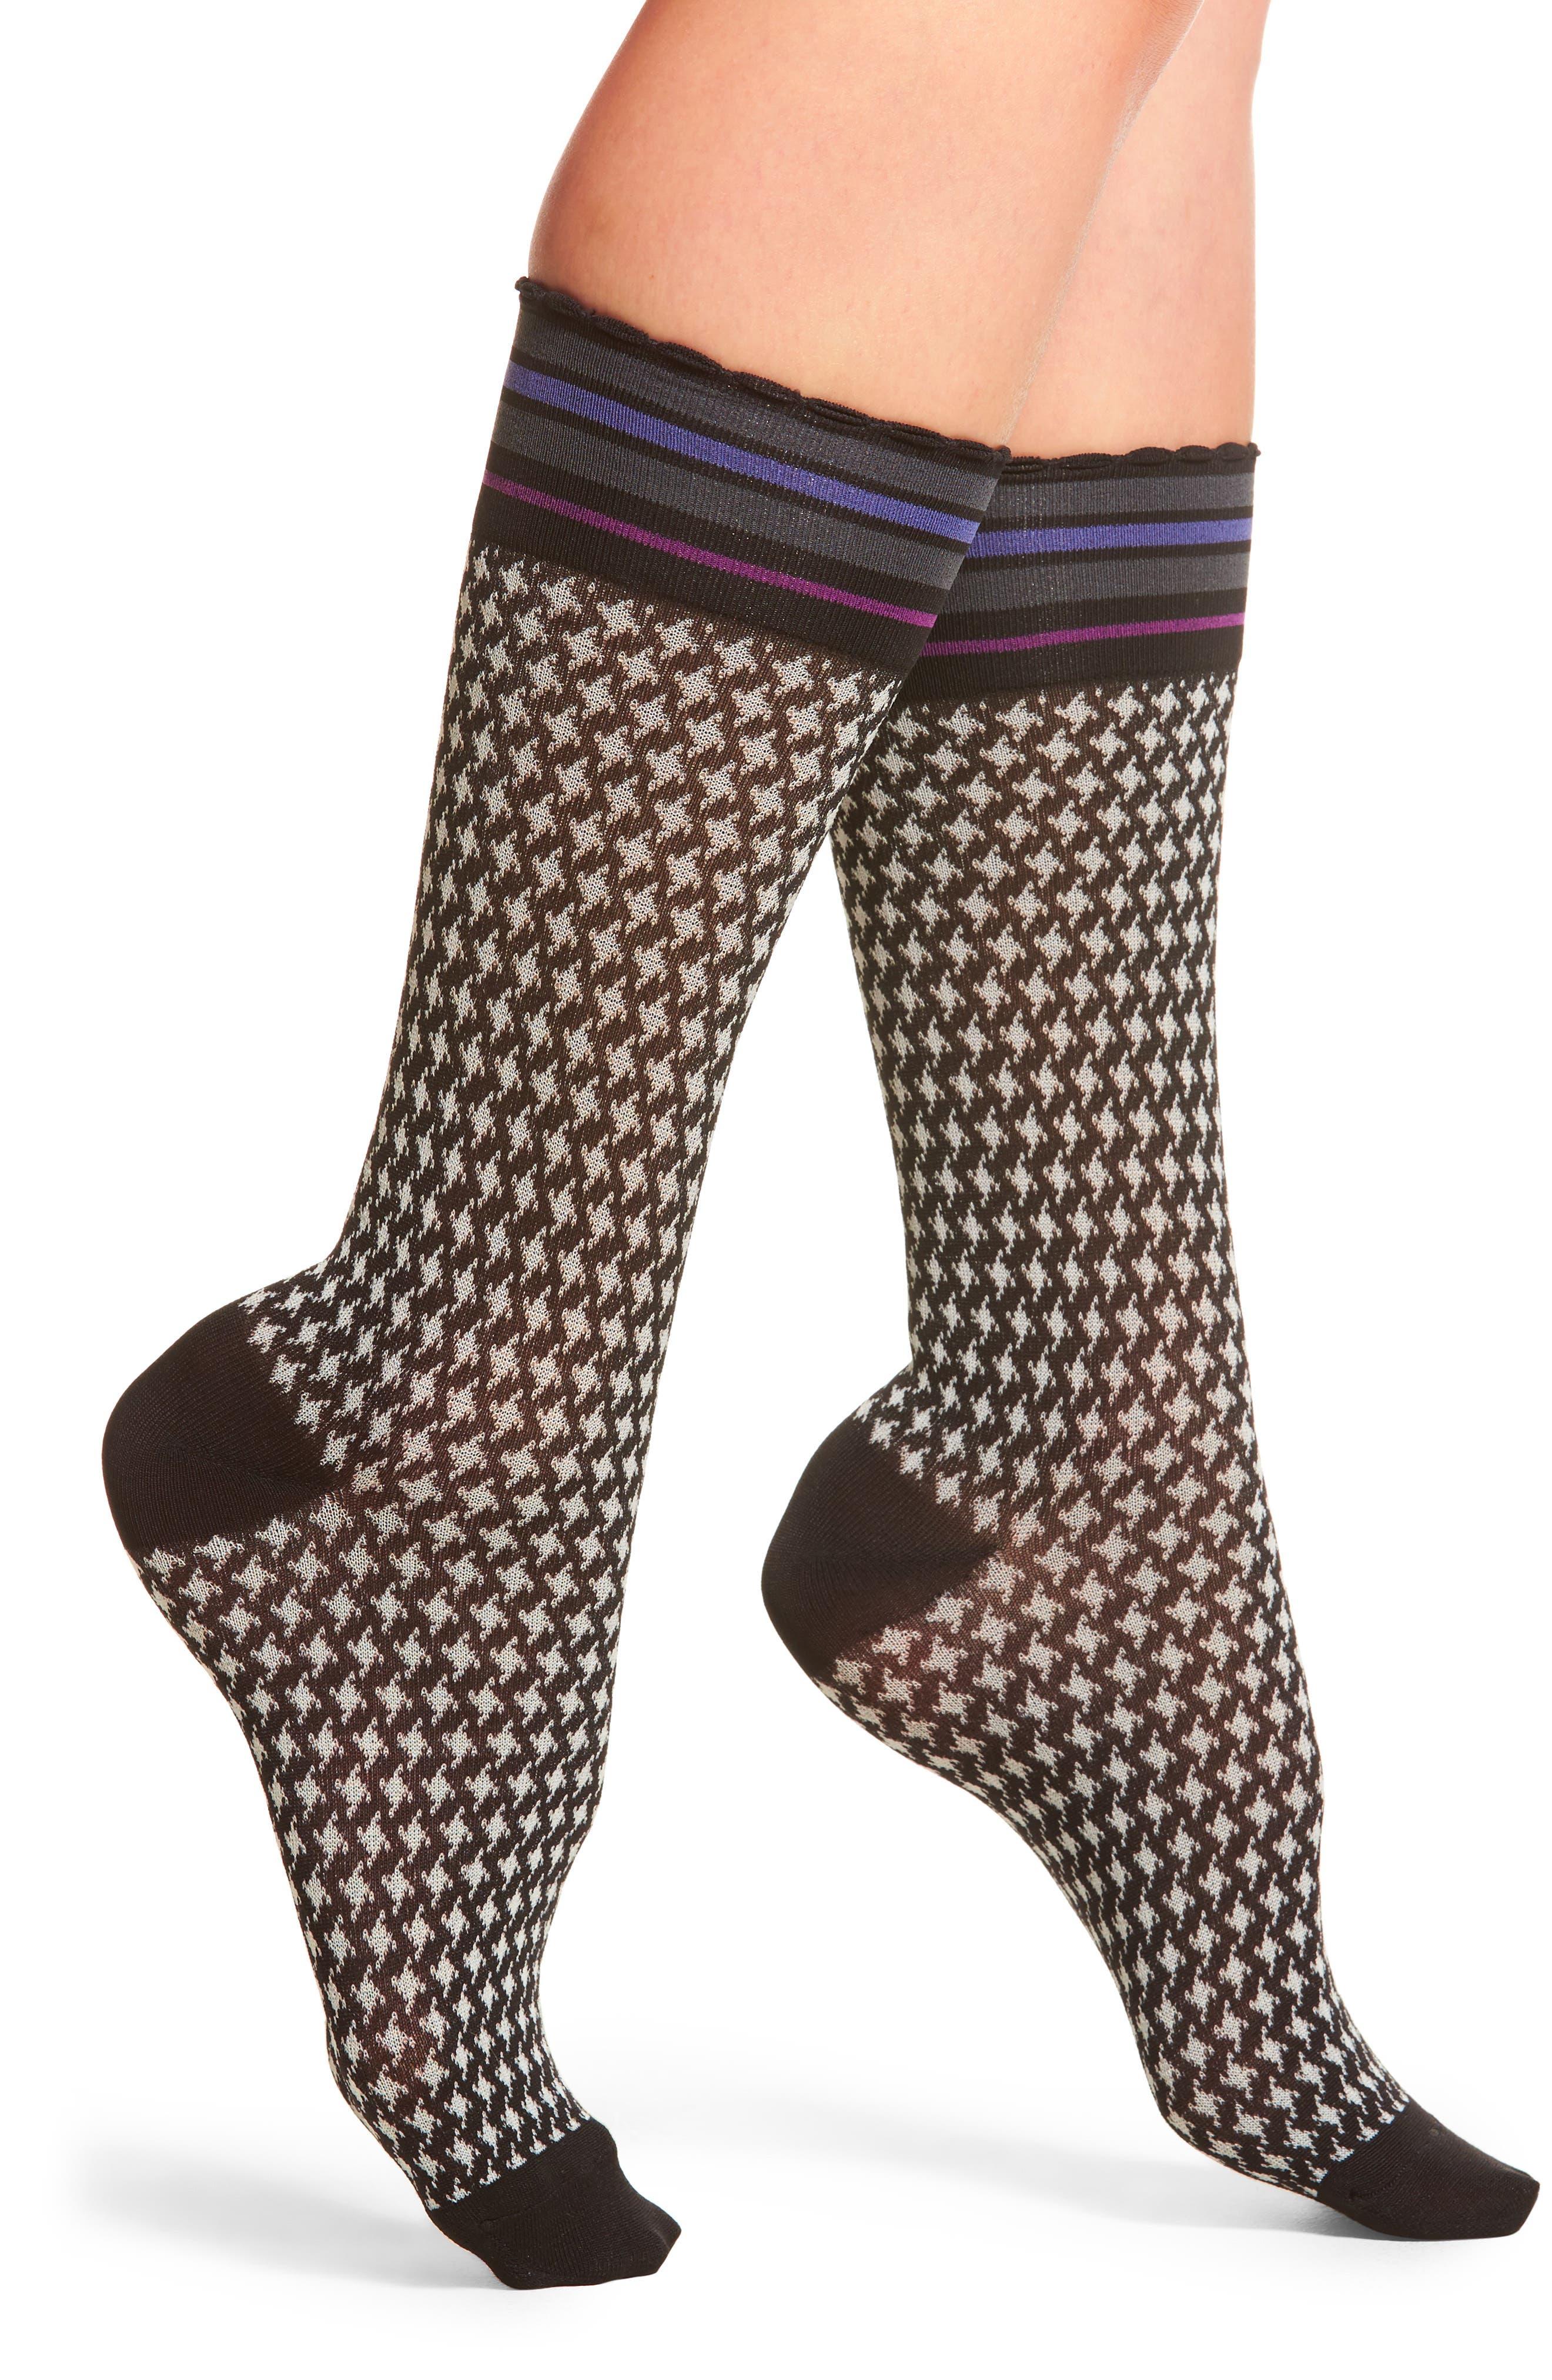 Ultrasmooth Socks,                             Main thumbnail 1, color,                             005